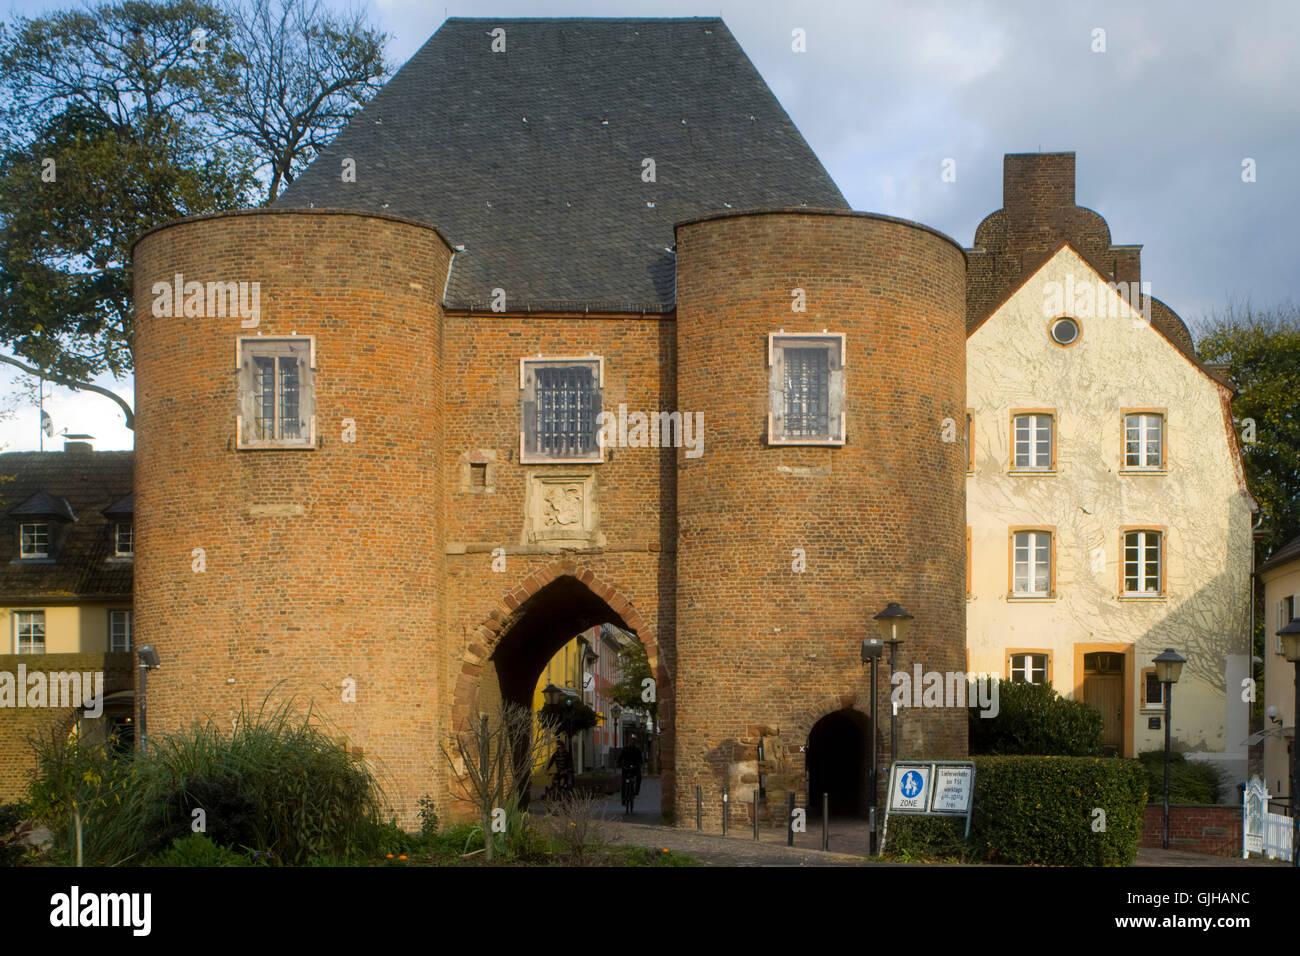 BRD, Deutschland, NRW, Bergheim, das Aachener Tor das, Wahrzeichen der Stadt Bergheim. Es diente im Mittelalter - Stock Image